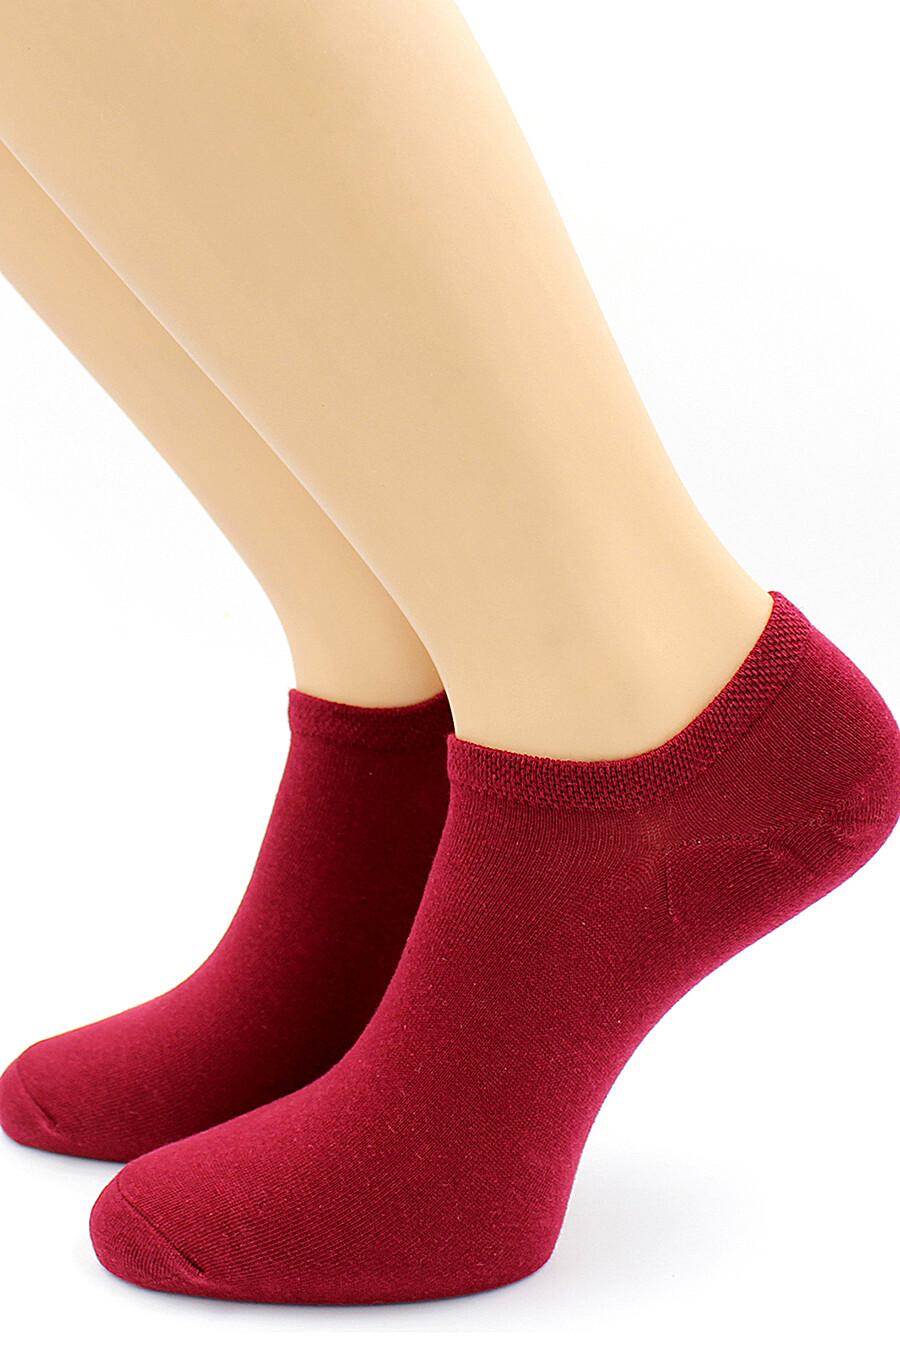 Носки для женщин HOBBY LINE 116382 купить оптом от производителя. Совместная покупка женской одежды в OptMoyo